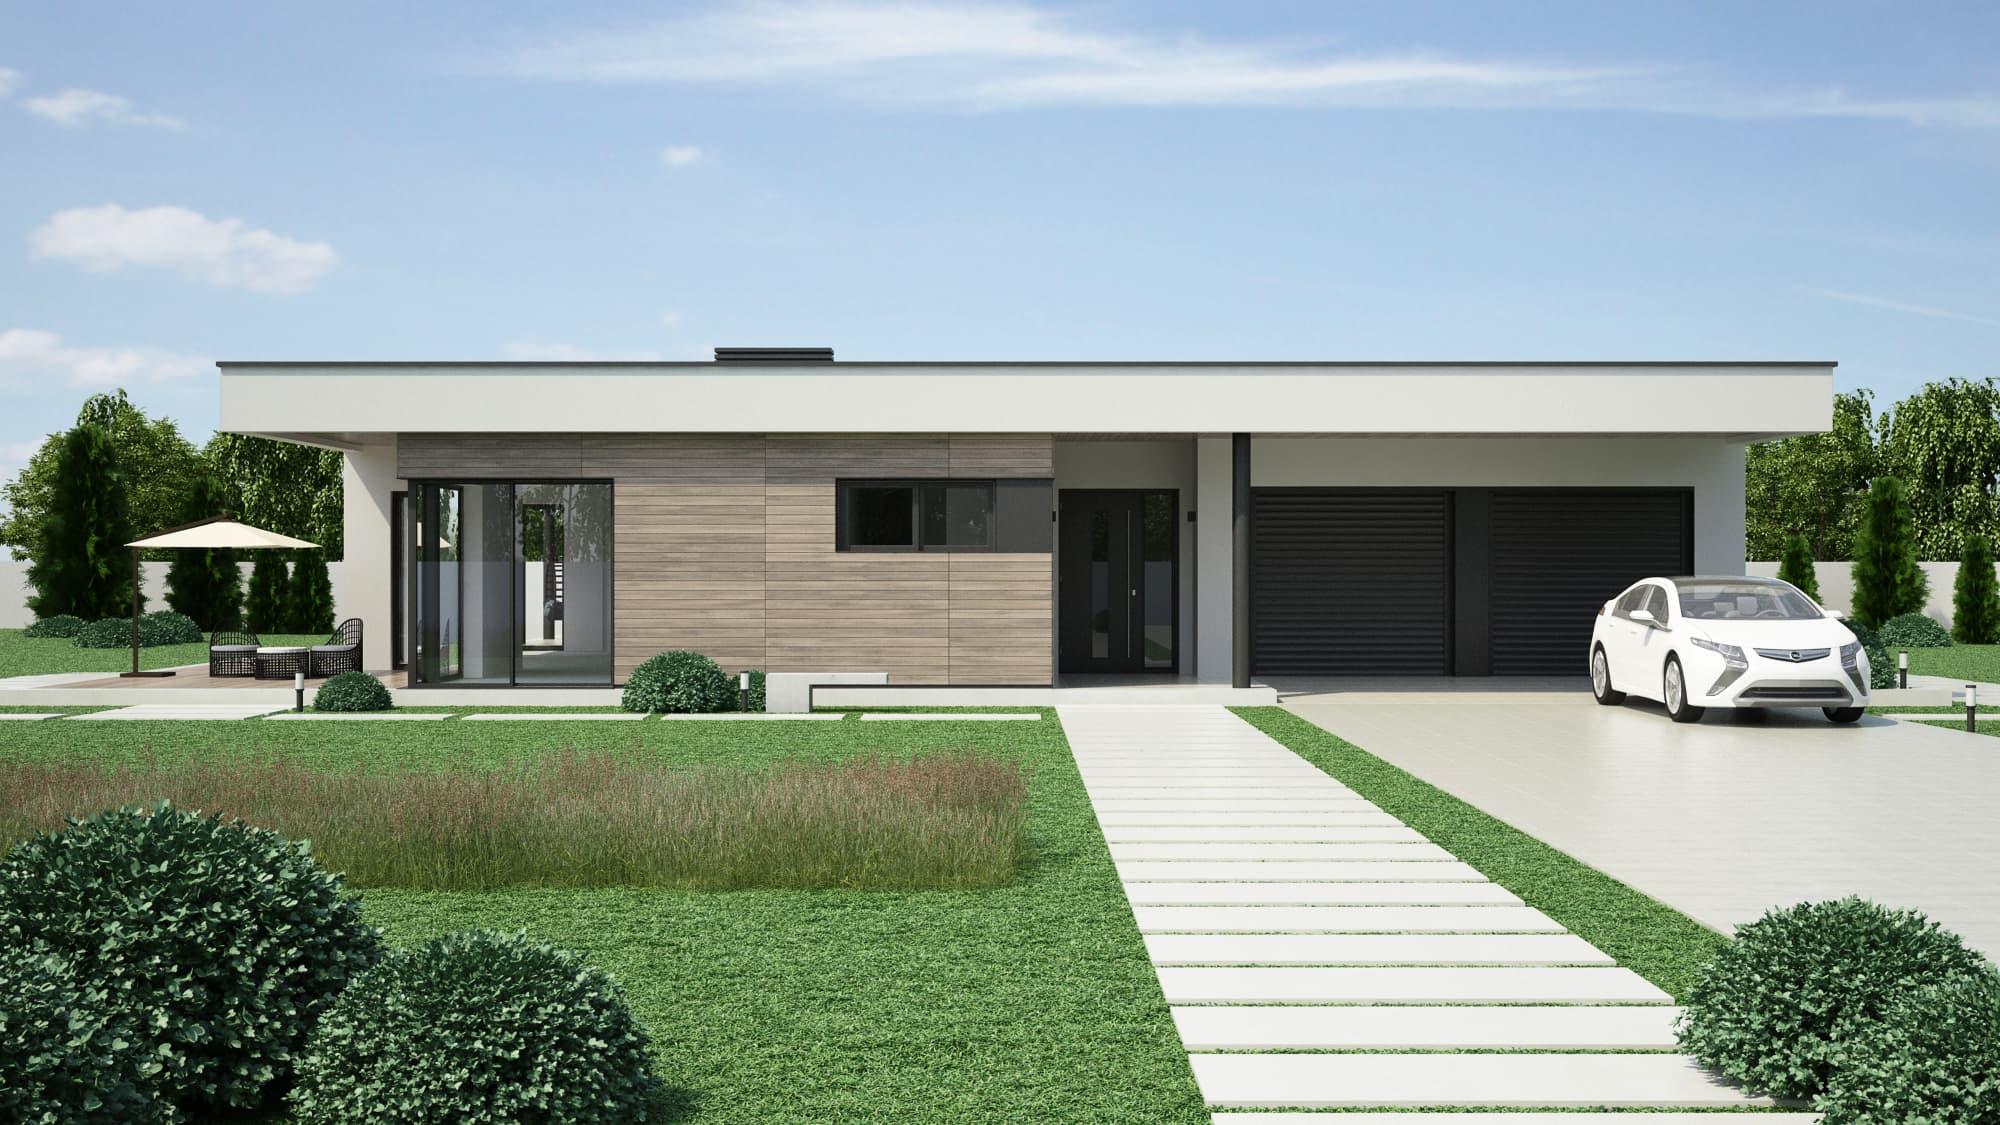 Visualisierung Einfamilienhaus Rendering